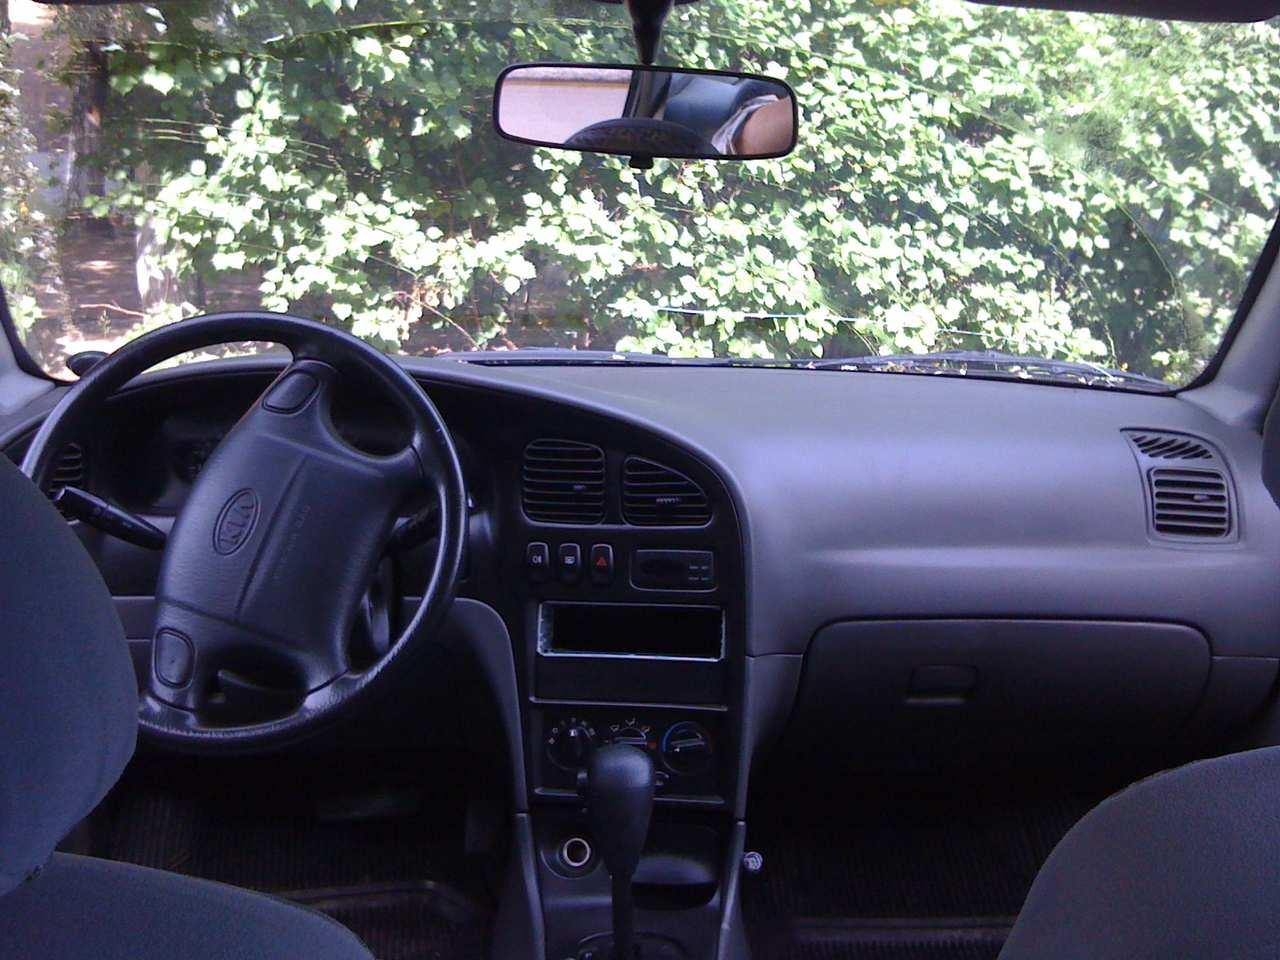 2000 Kia Sephia Pictures  1 5l   Gasoline  Ff  Automatic